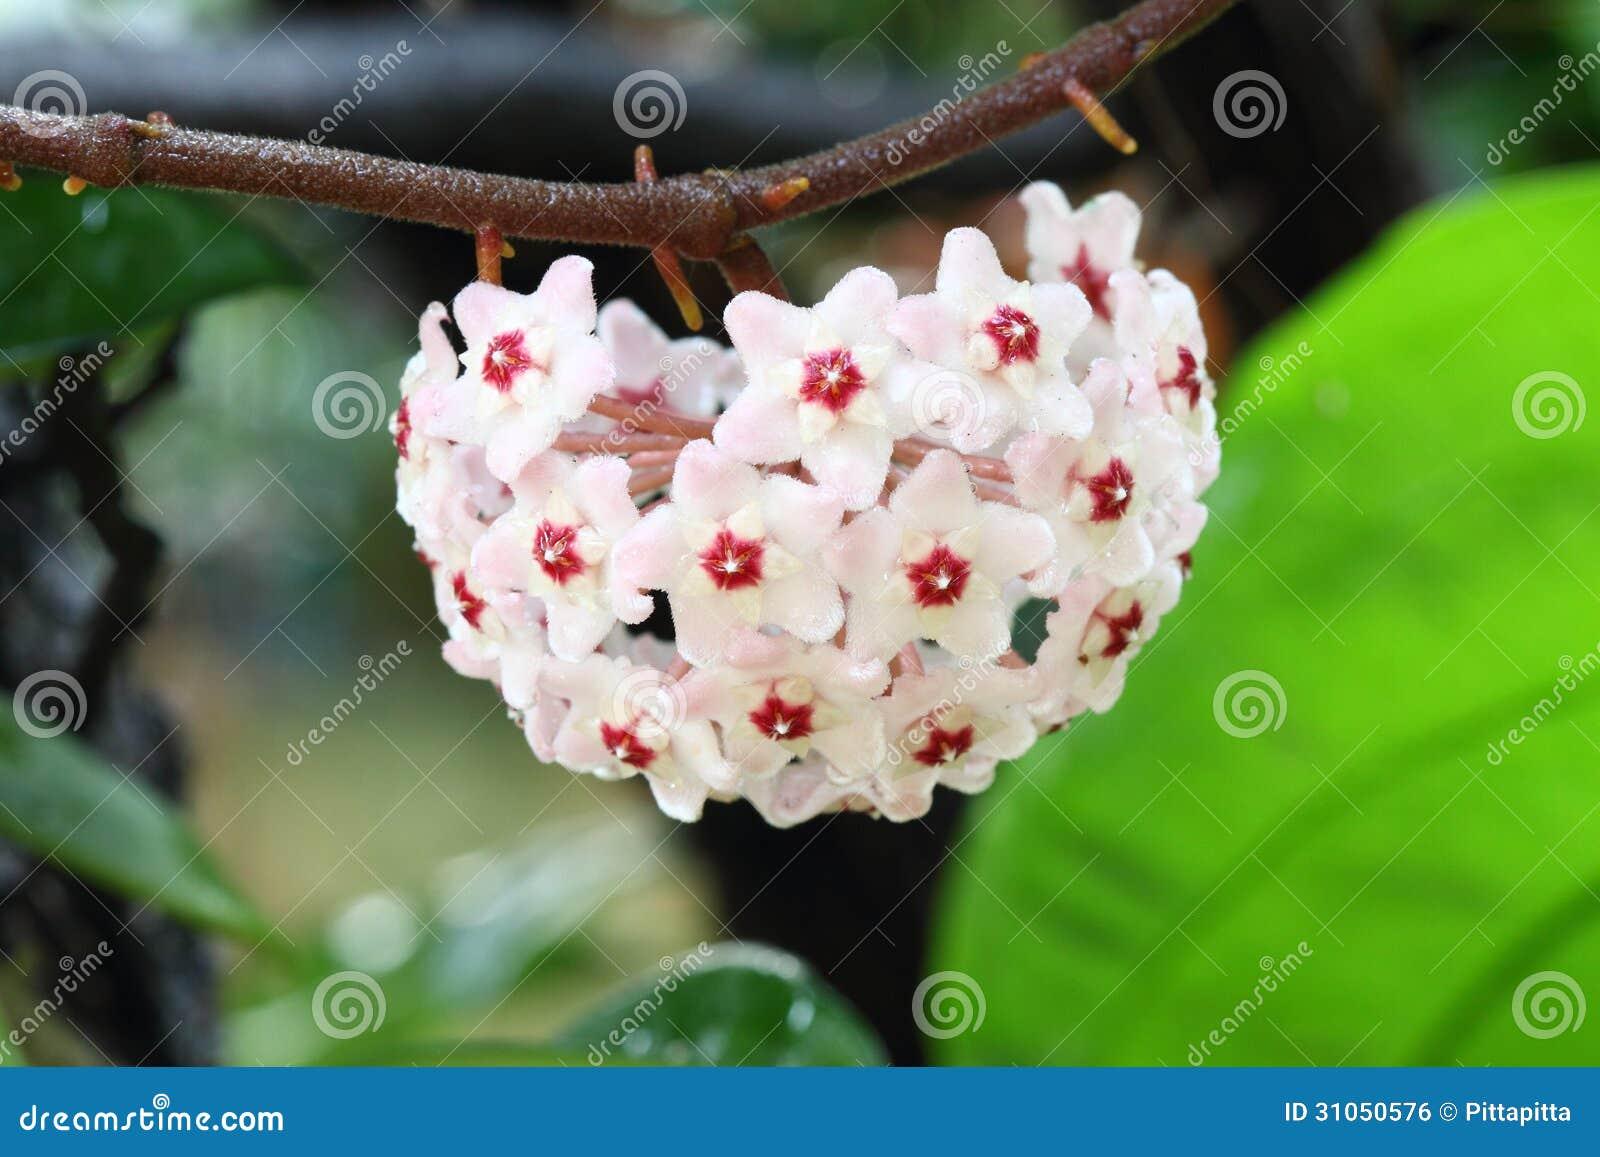 Hoya bloem